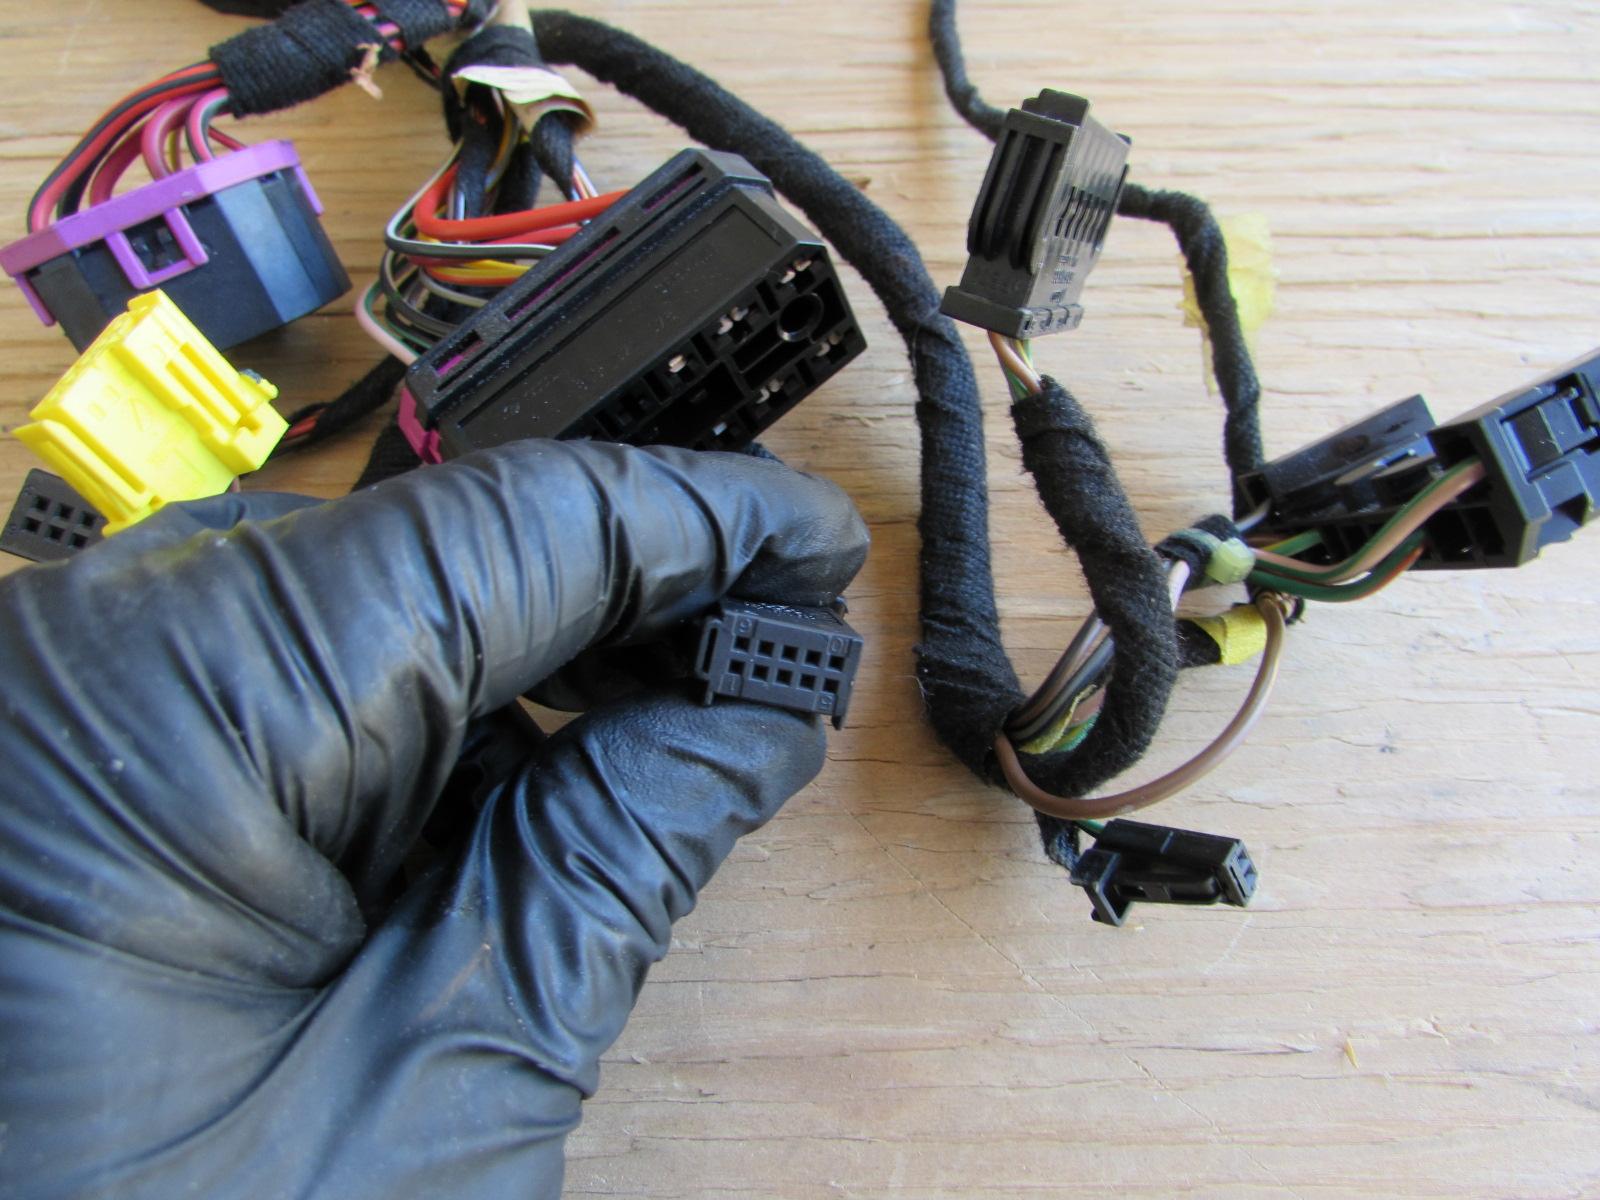 audi tt mk1 8n steering column wiring harness 8l0971978 hermes 2004 suburban steering column wiring harness audi tt mk1 8n steering column wiring harness 8l09719784